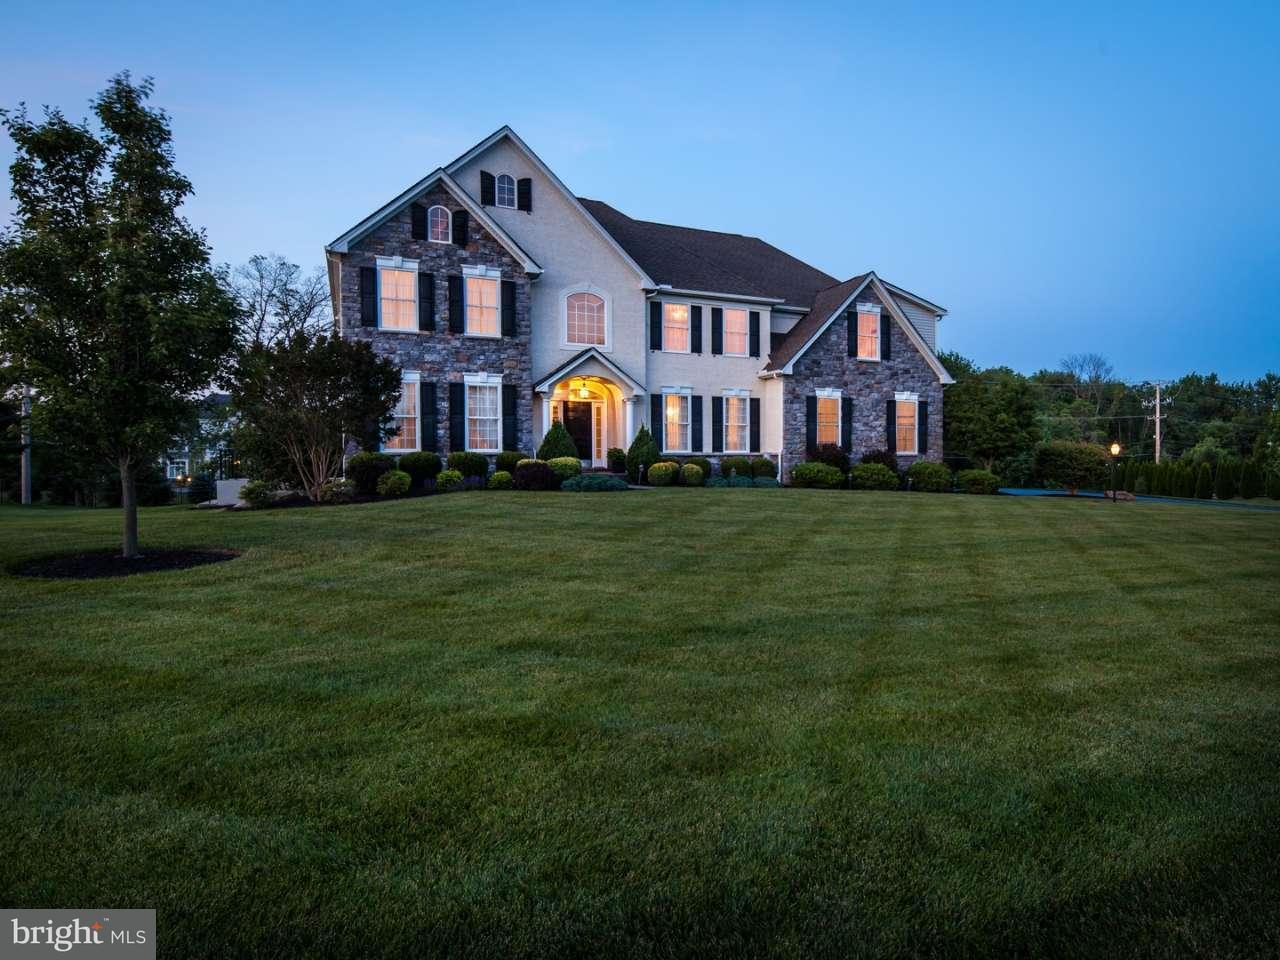 独户住宅 为 销售 在 1148 HEDGEROW Drive Garnet Valley, 宾夕法尼亚州 19061 美国